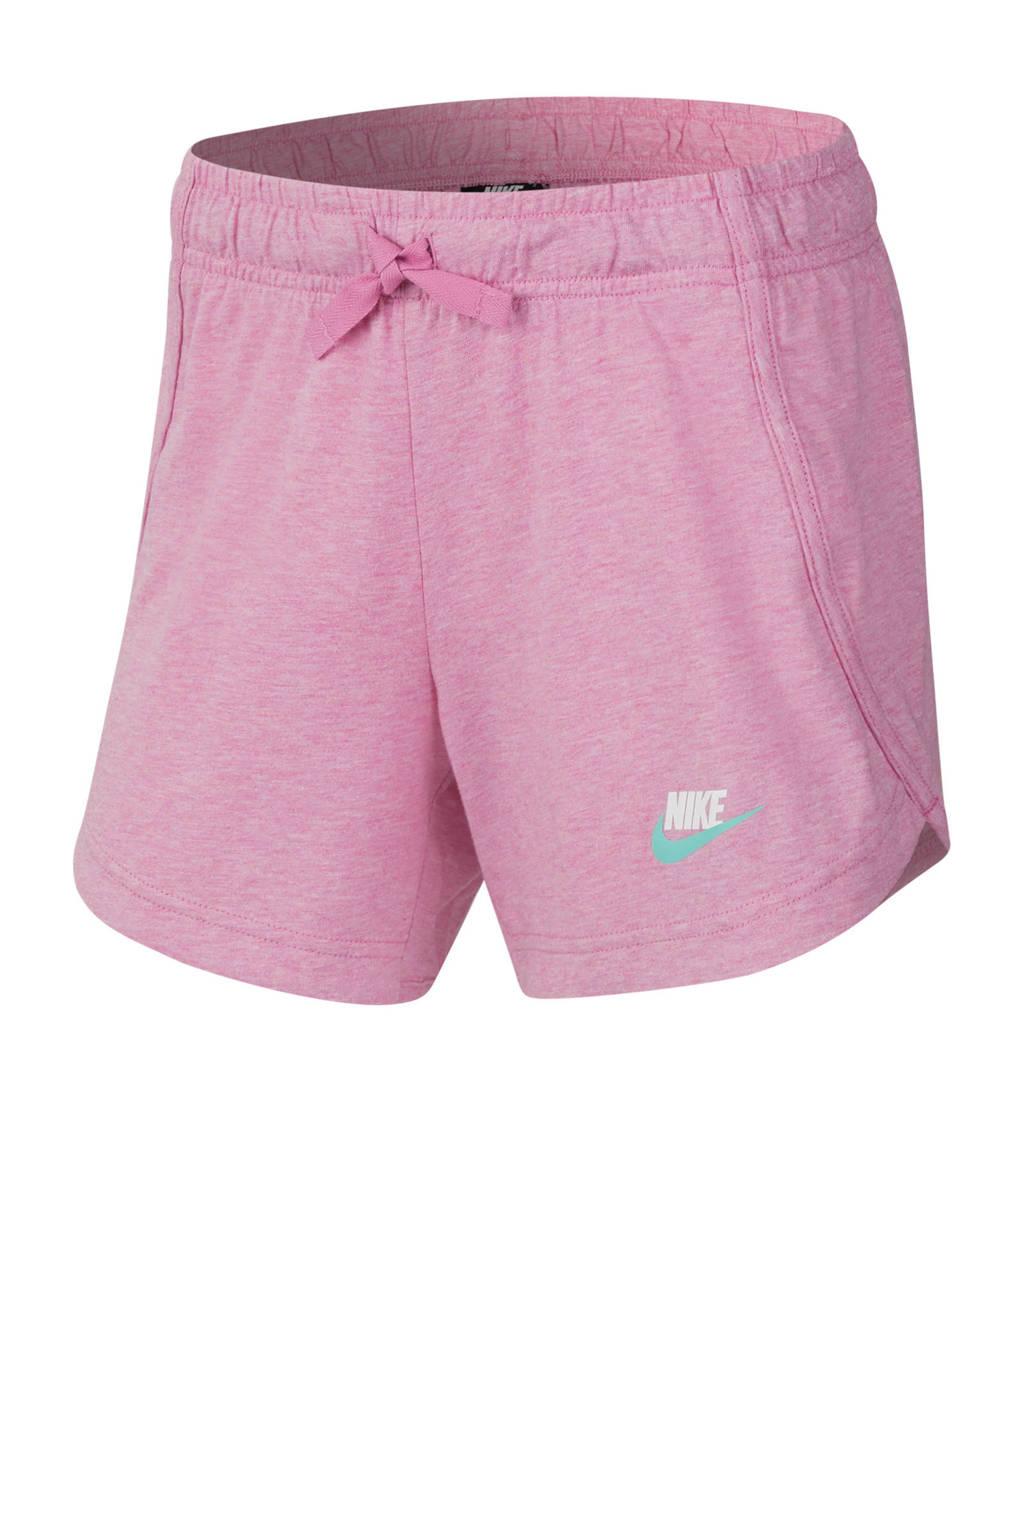 Nike sweatshort roze, Roze